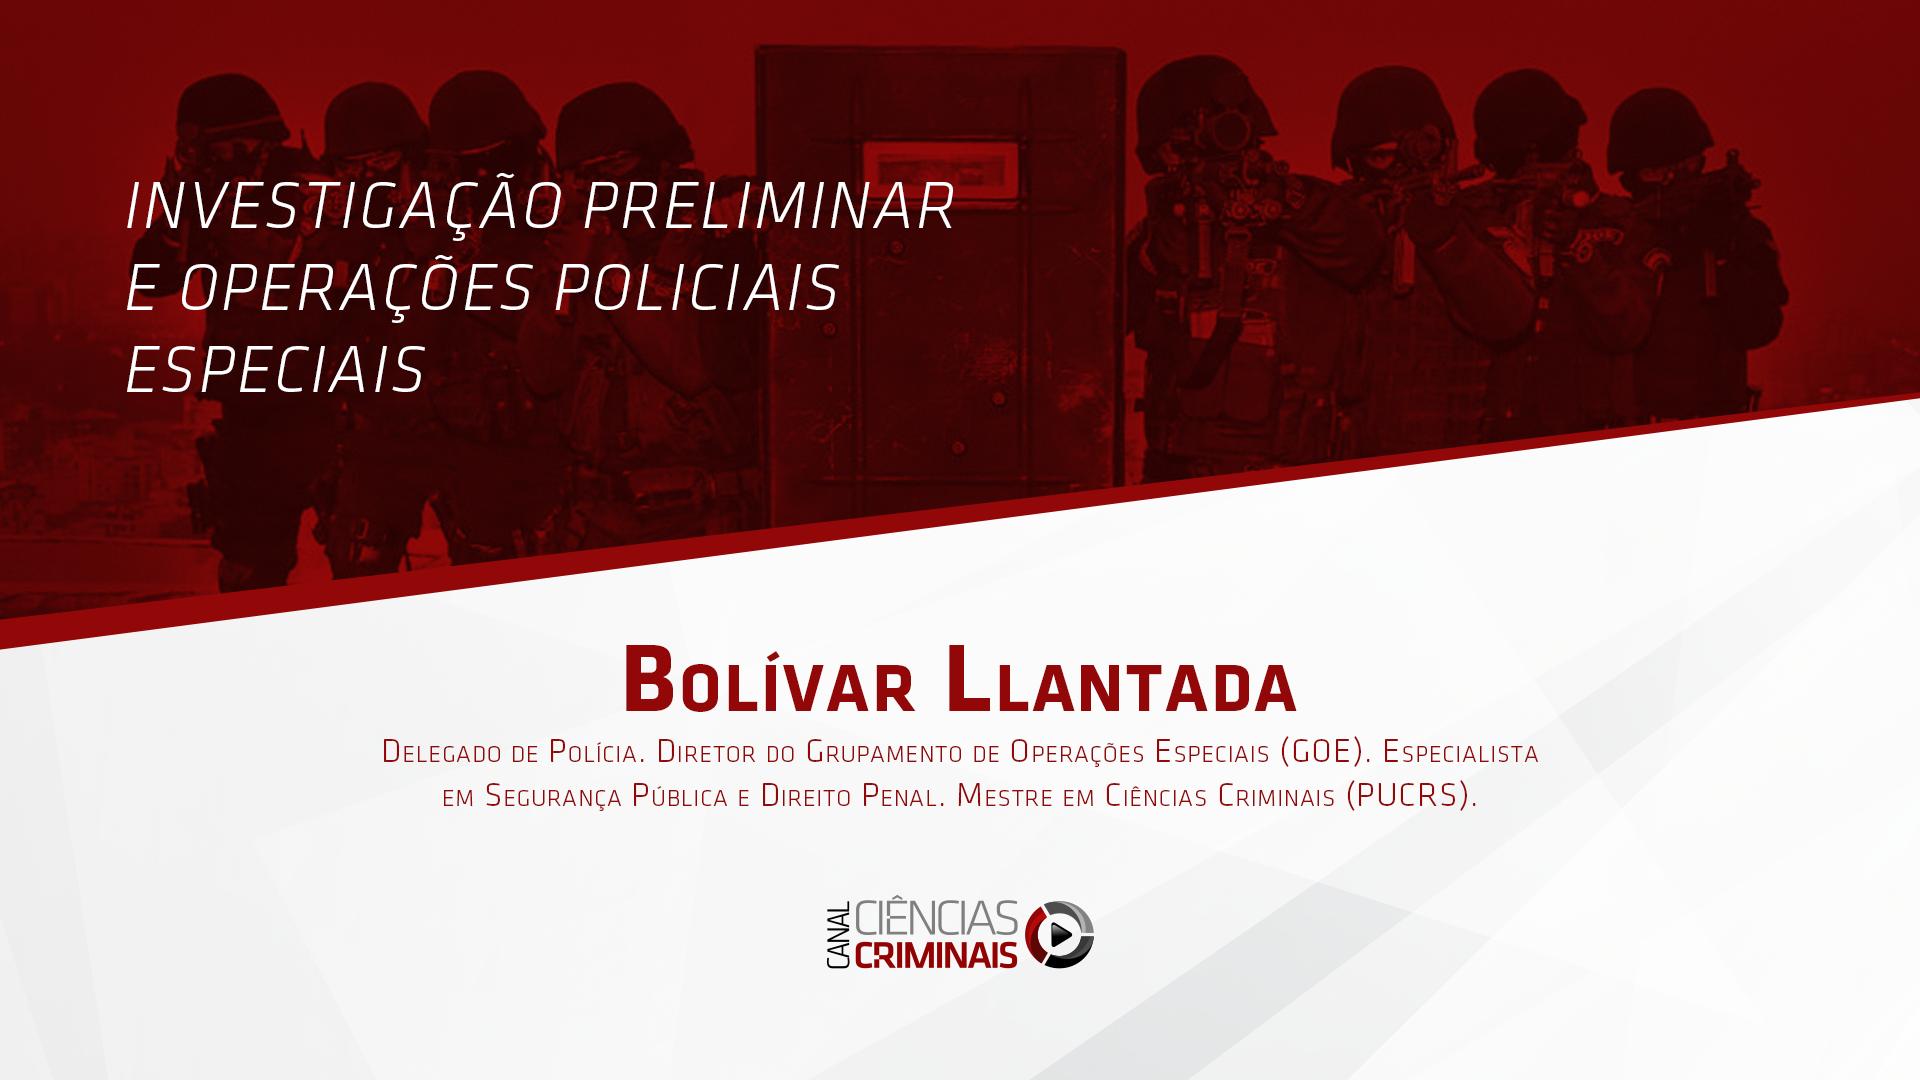 Bolívar Llantada – Investigação Preliminar e Operações Policiais Especiais